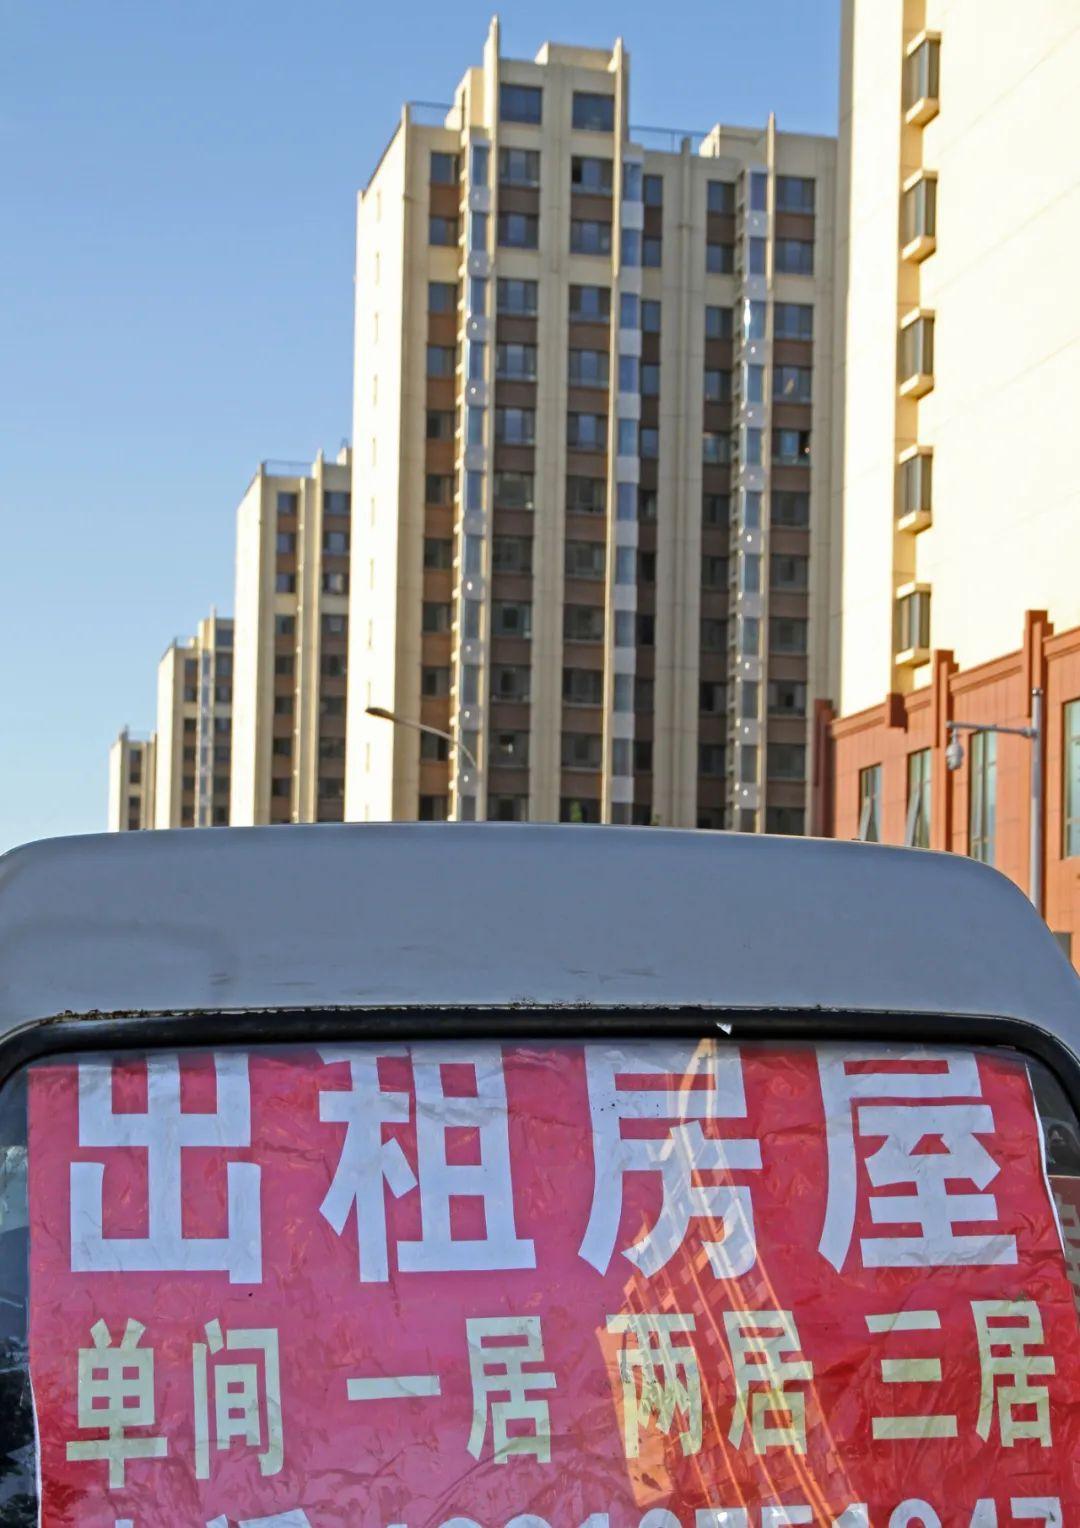 某小型中介公司在车上贴出广告招揽生意